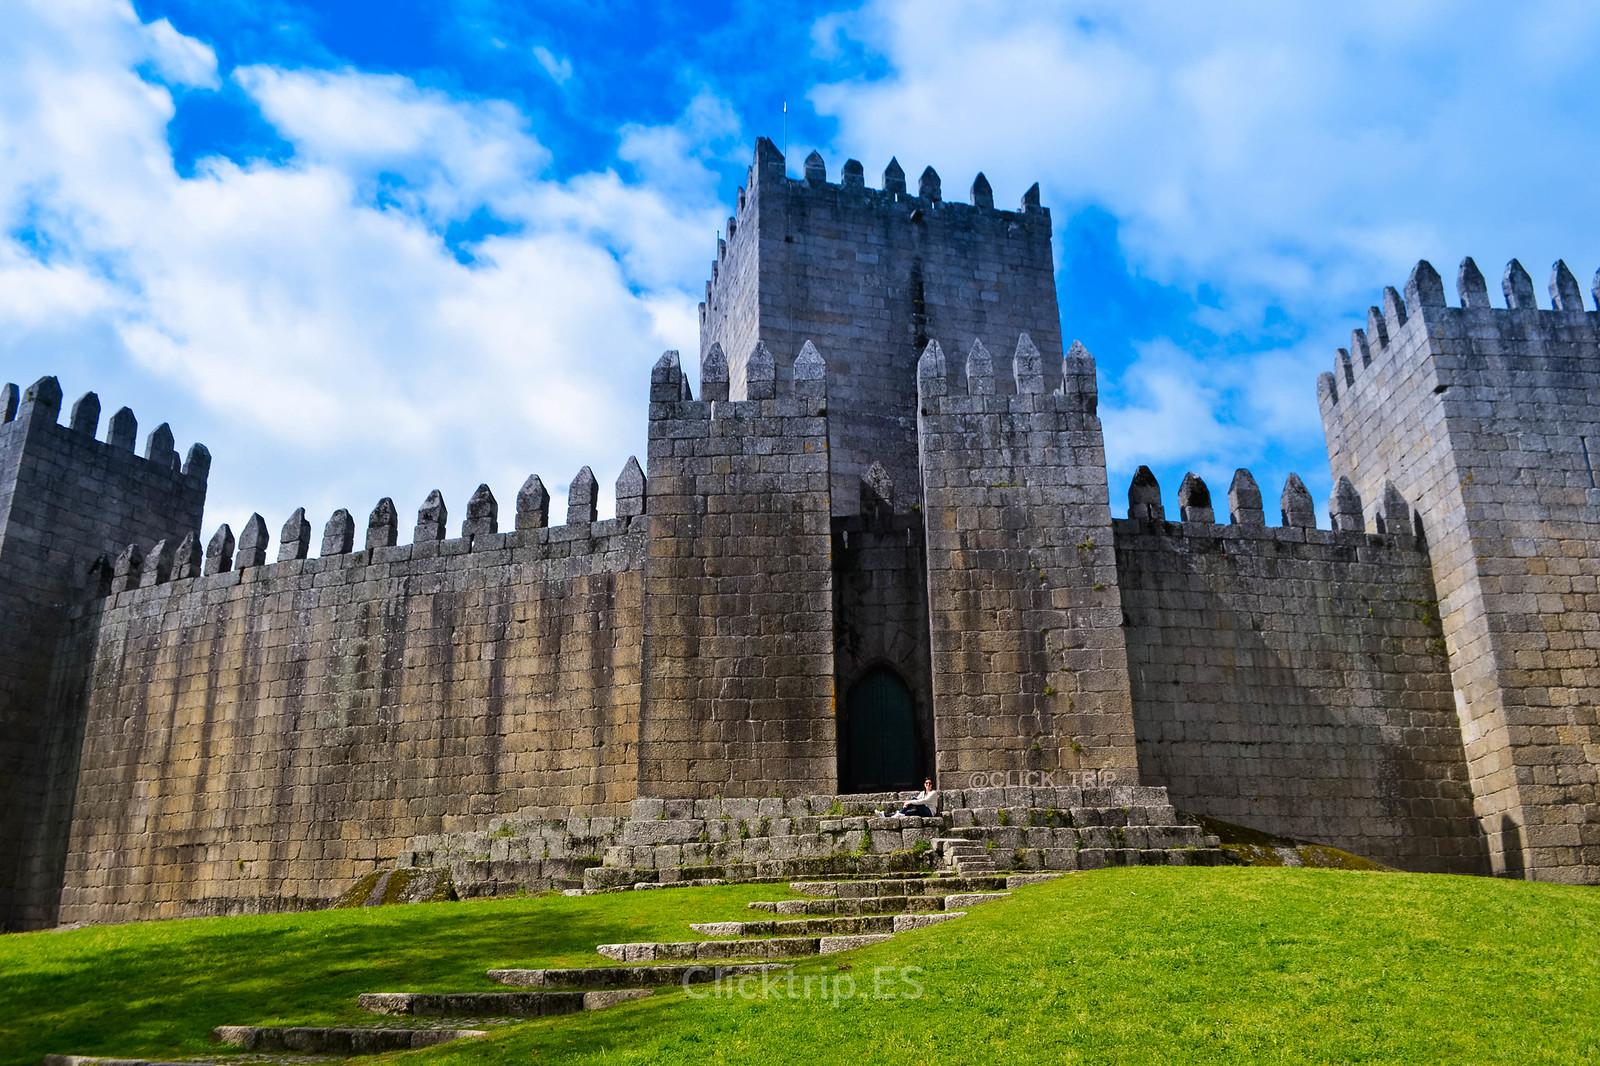 · Ruta por Oporto y alrededores · Castillo de Guimarães · Click_Trip ·